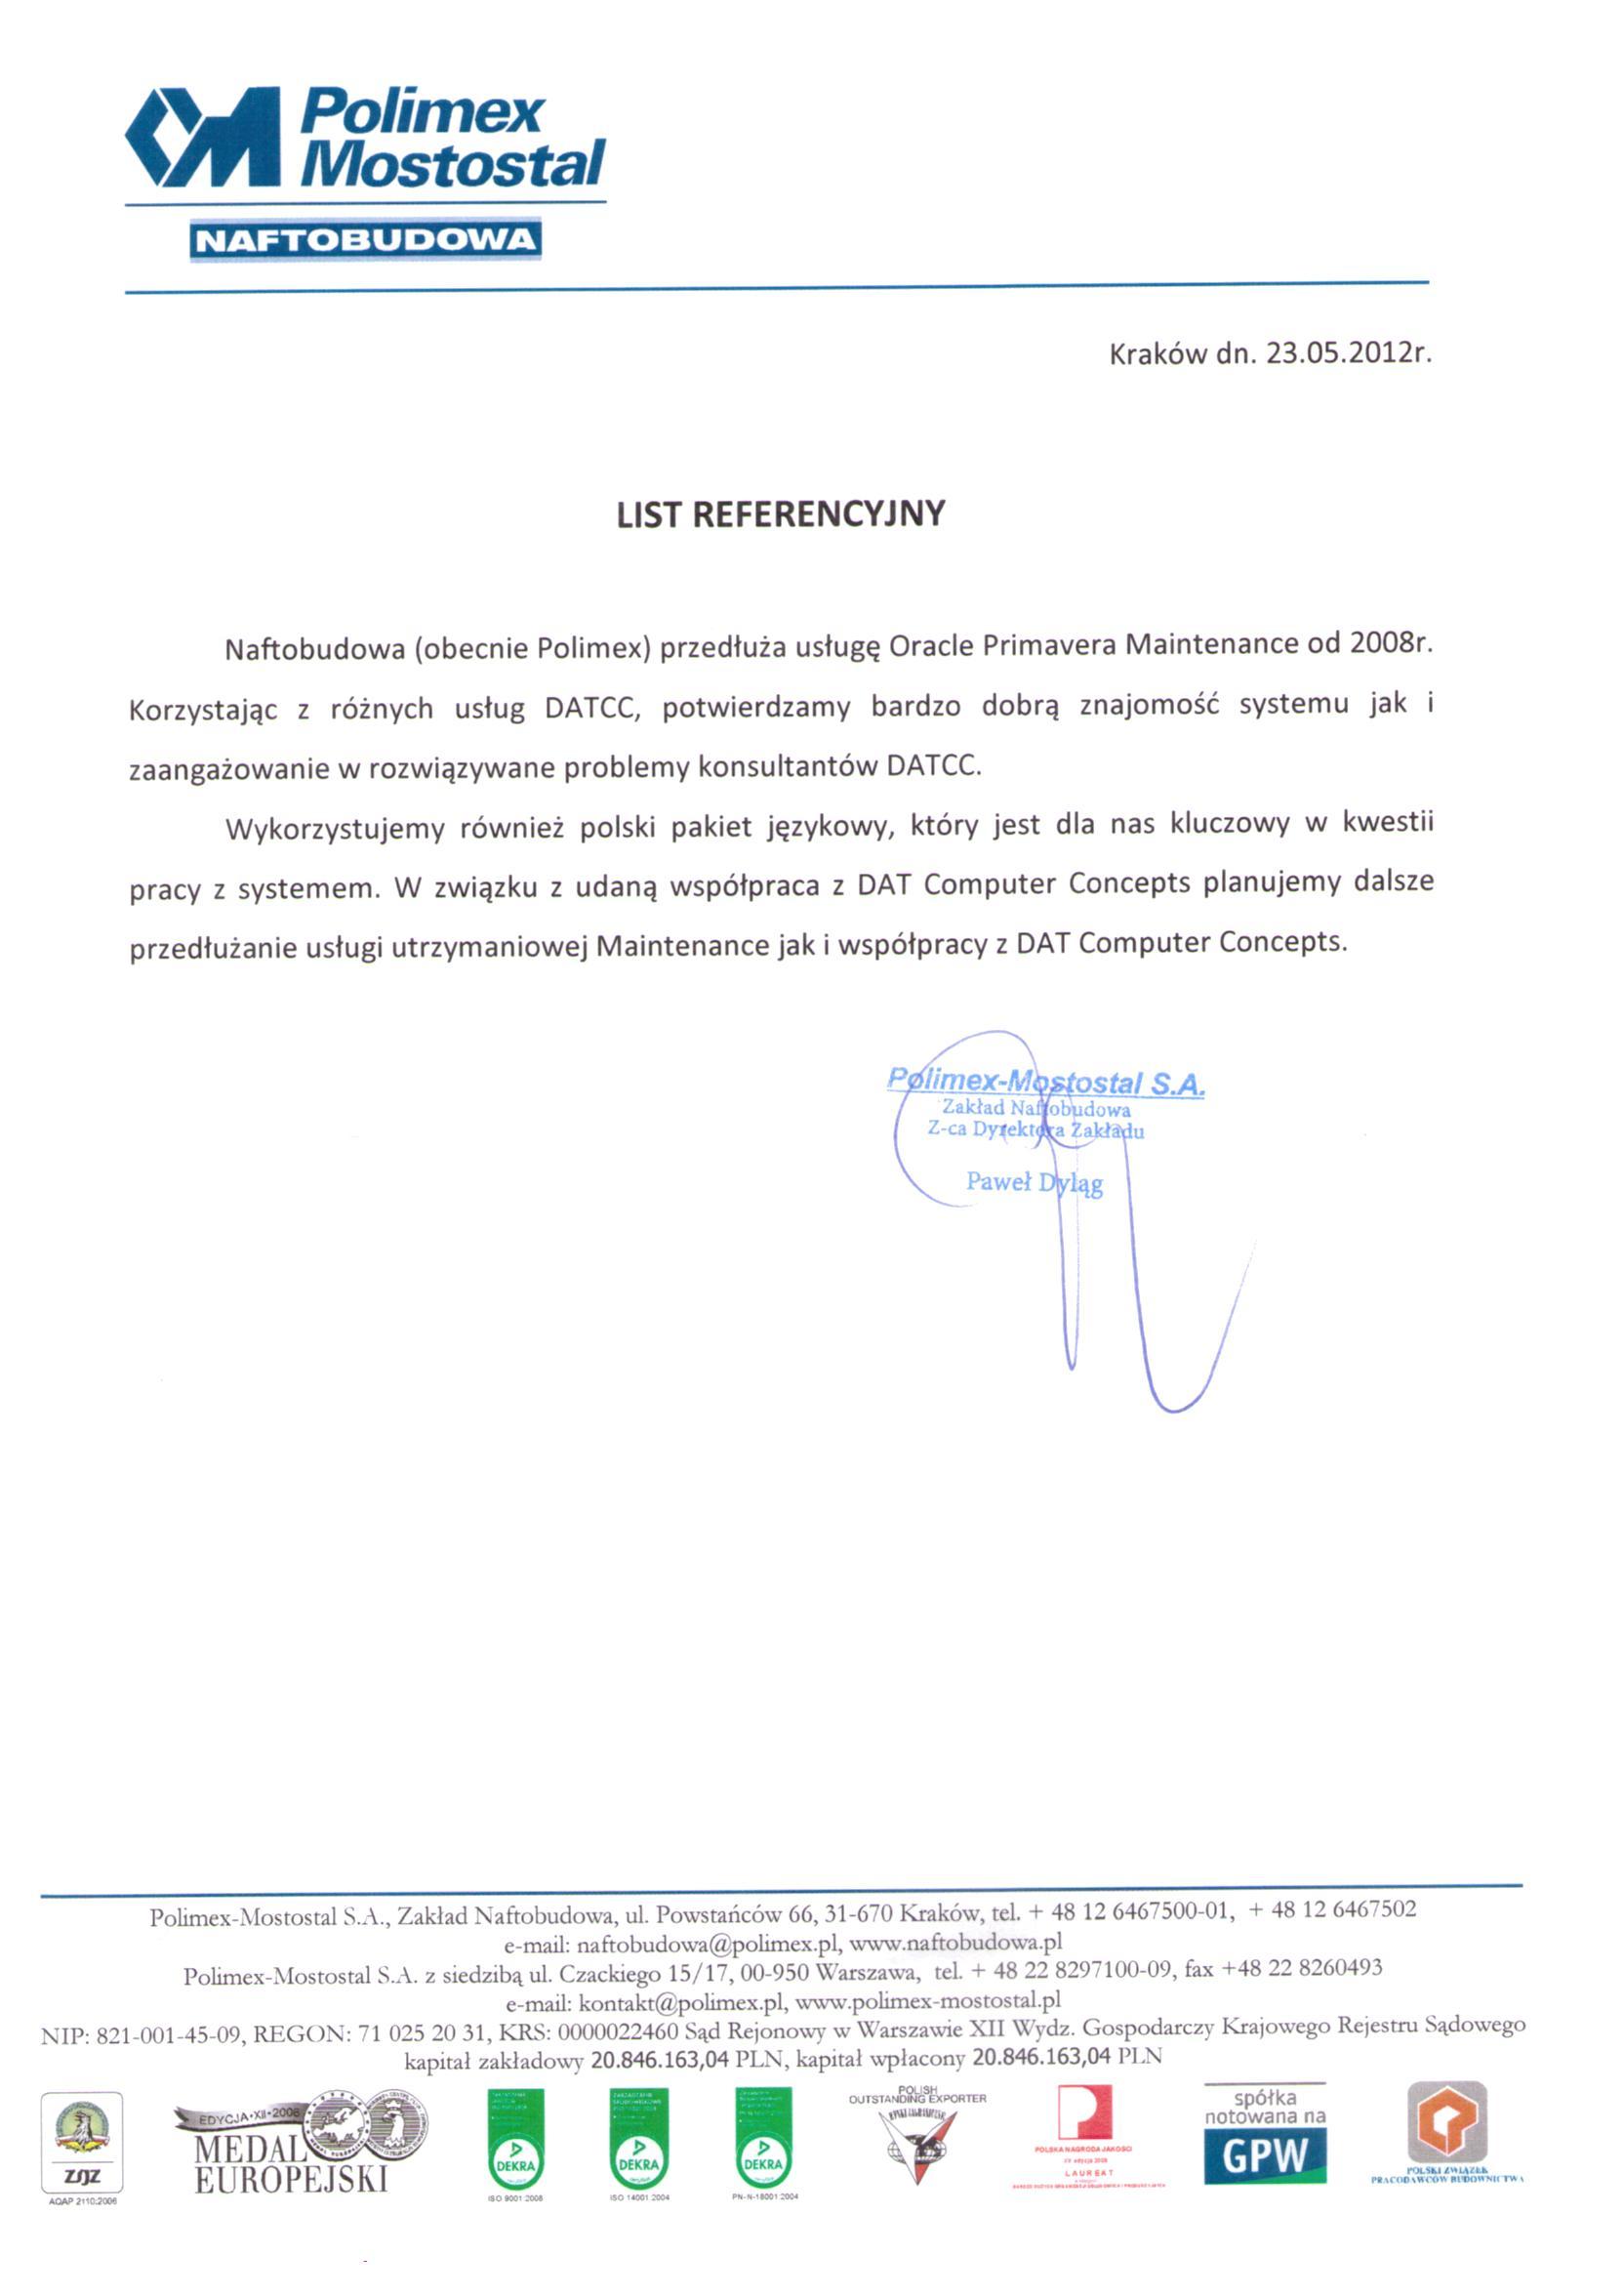 Polimex-Mostostal S.A., Zakład Naftobudowa